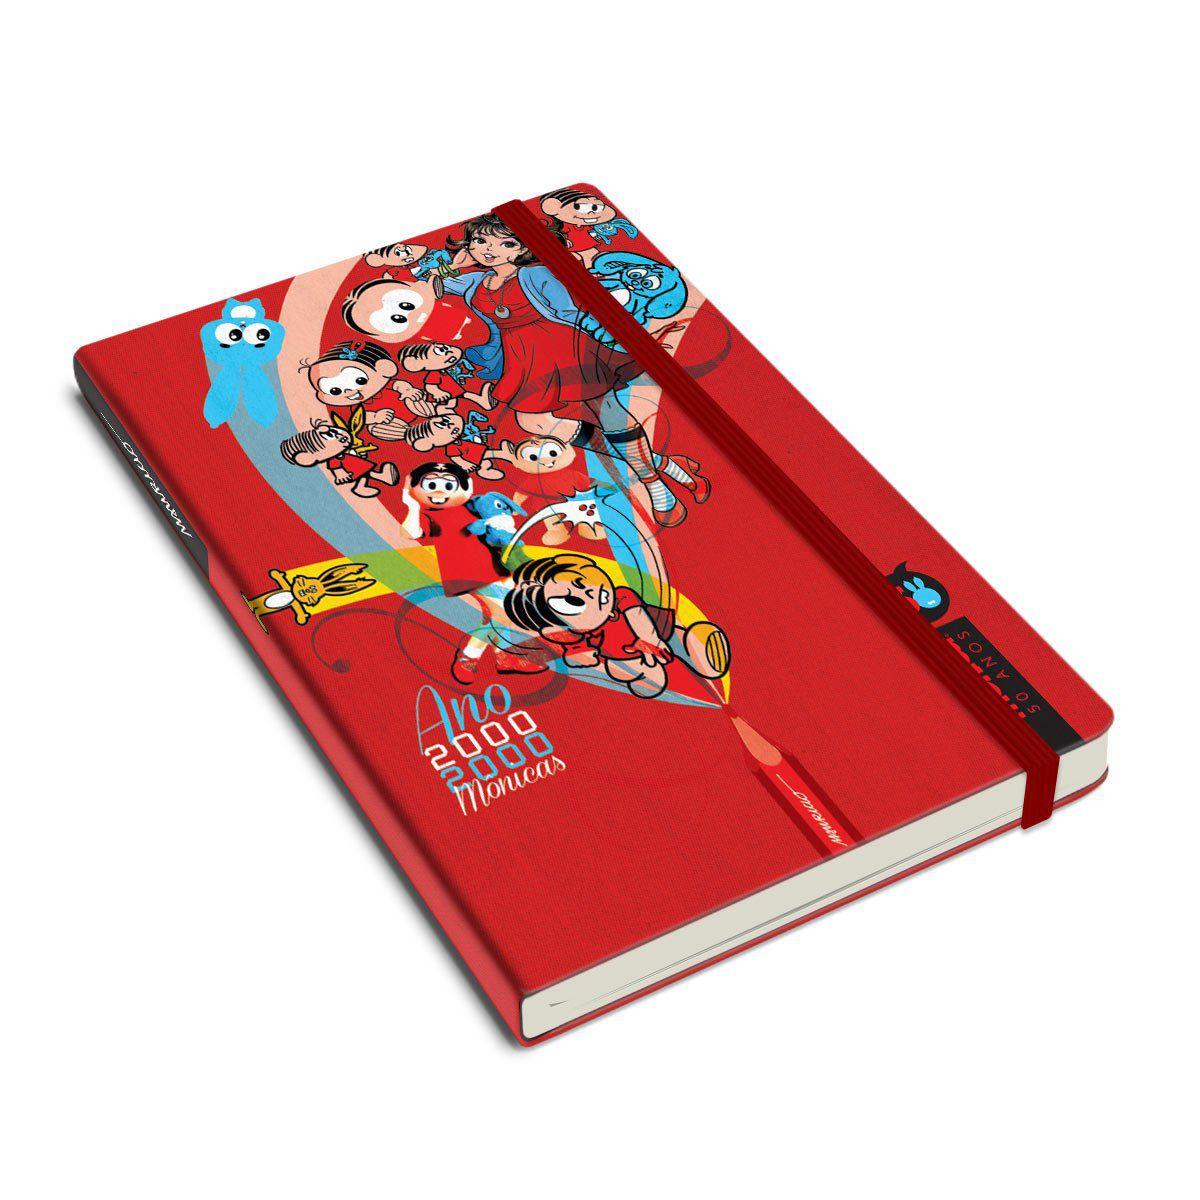 Caderneta Turma da Mônica 50 Anos - Modelo 1 Anos 2000